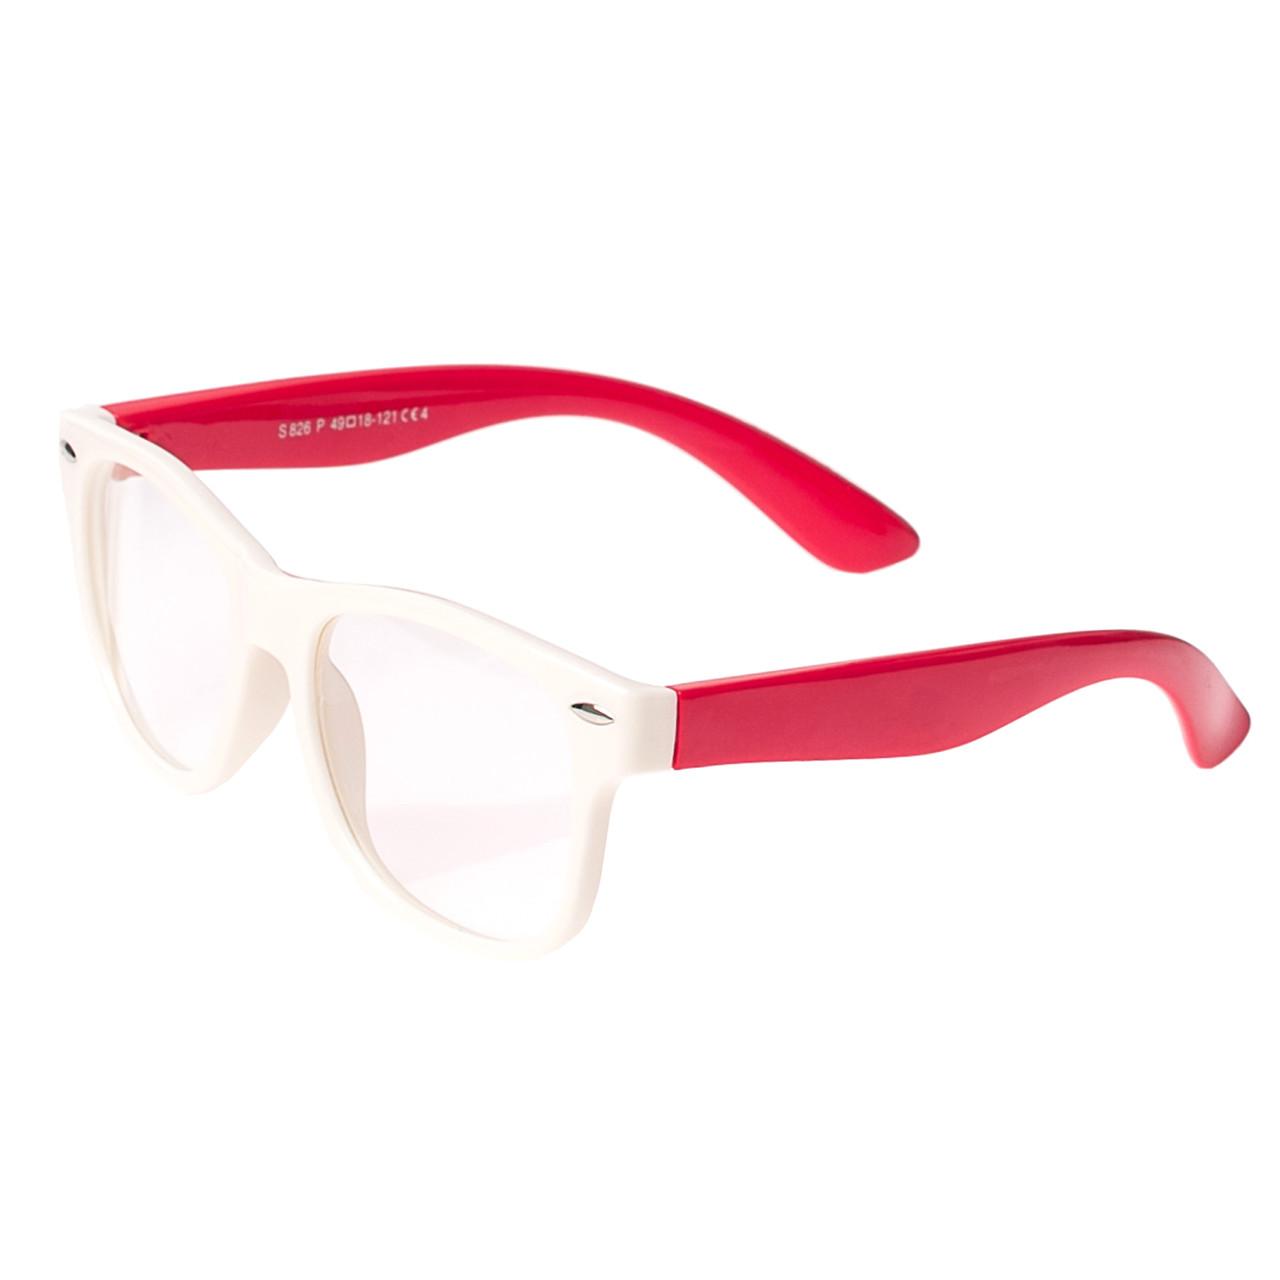 Солнцезащитные очки  Детские цвет Разноцветный   поляризационная линза ( S826P-04 )